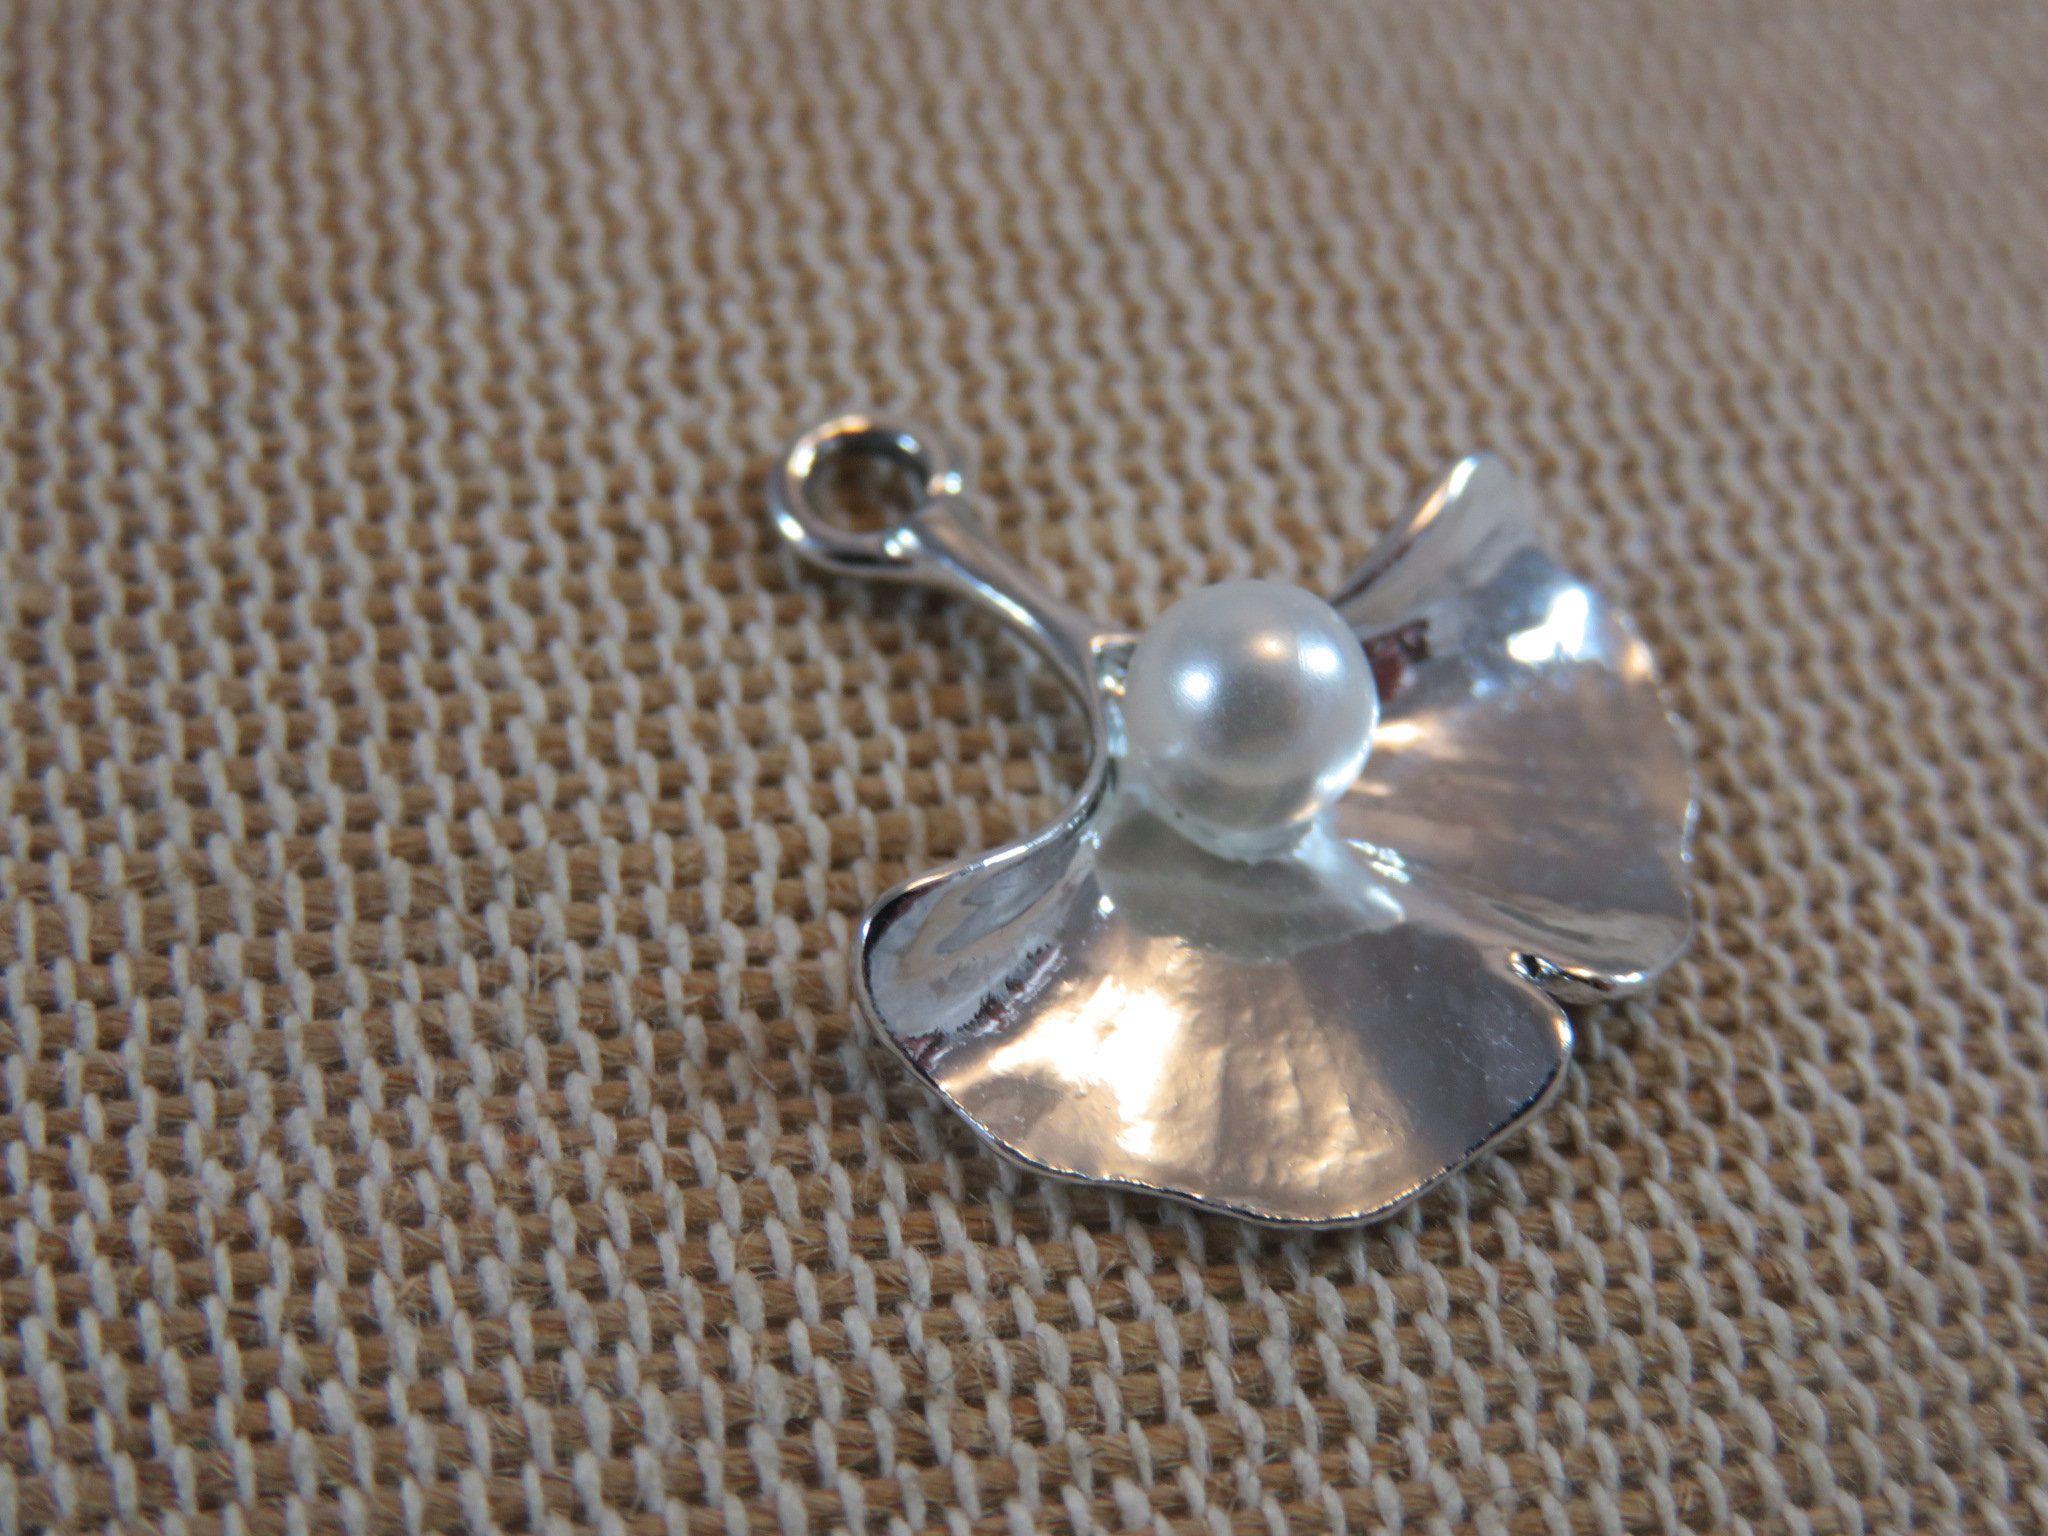 10 X Violet Métallique Acrylique Perles Fabrication de Bijoux Artisanat